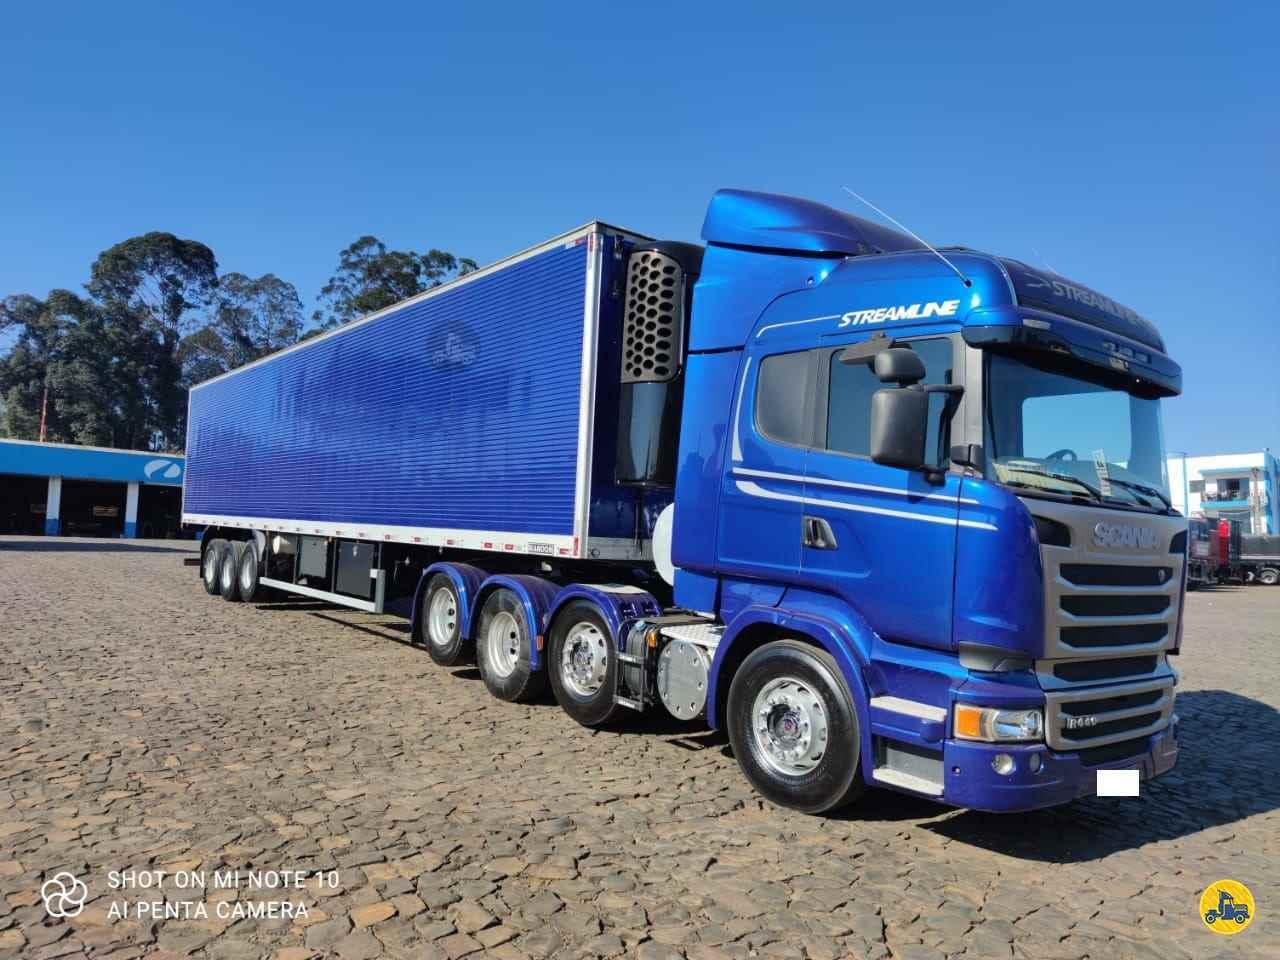 CAMINHAO SCANIA SCANIA 440 Baú Frigorífico BiTruck 8x2 Transmap Caminhões SANTA ROSA RIO GRANDE DO SUL RS